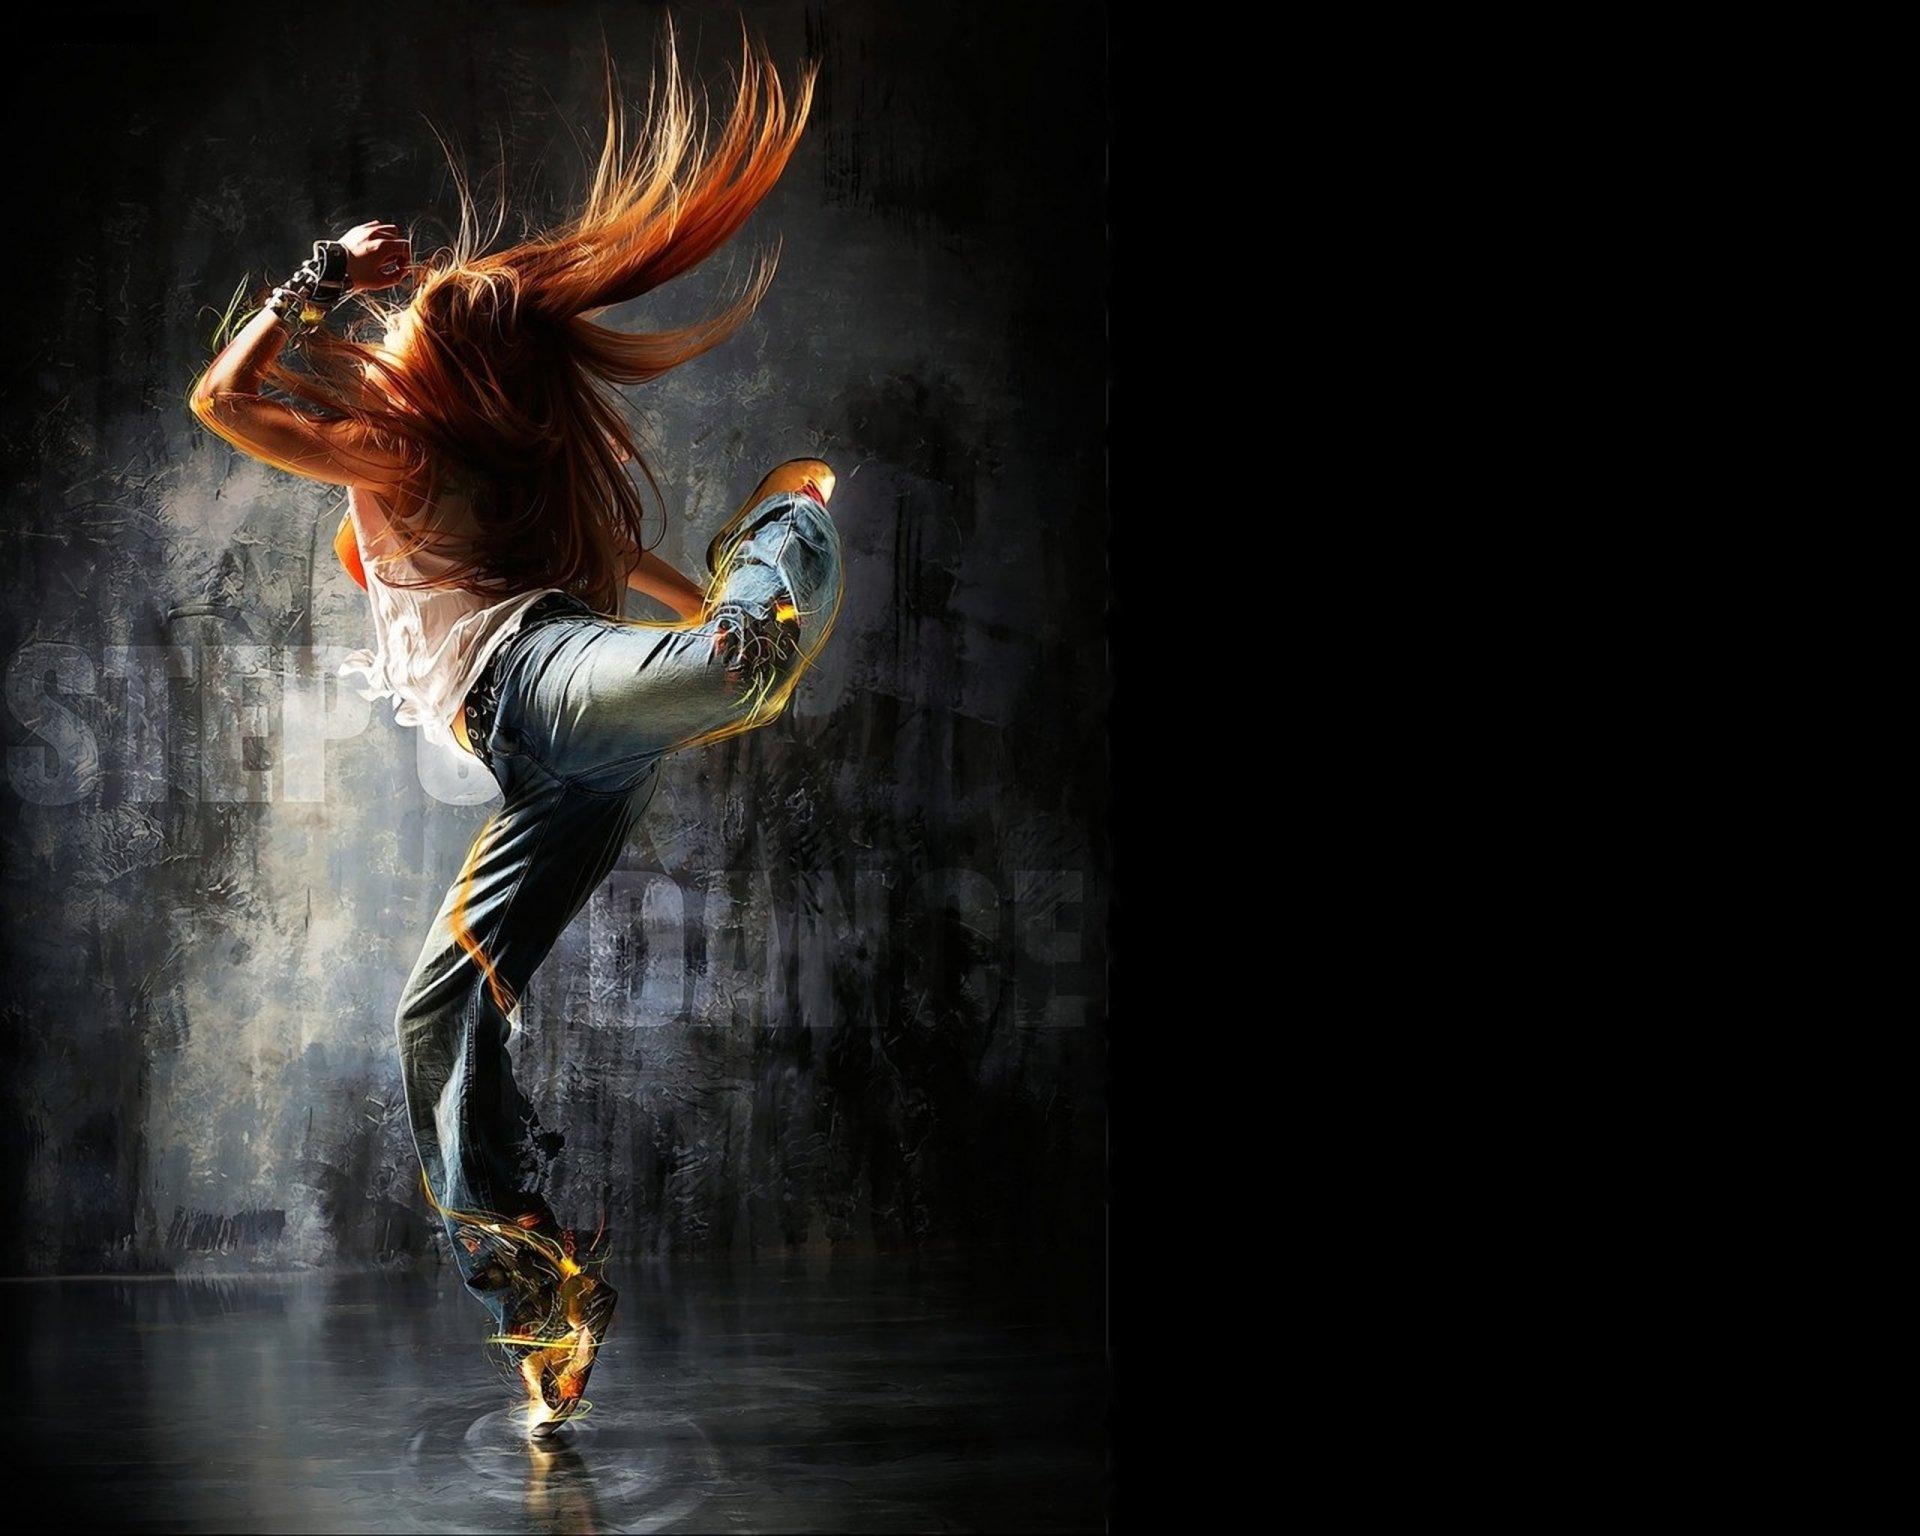 Redhead Dancing 39